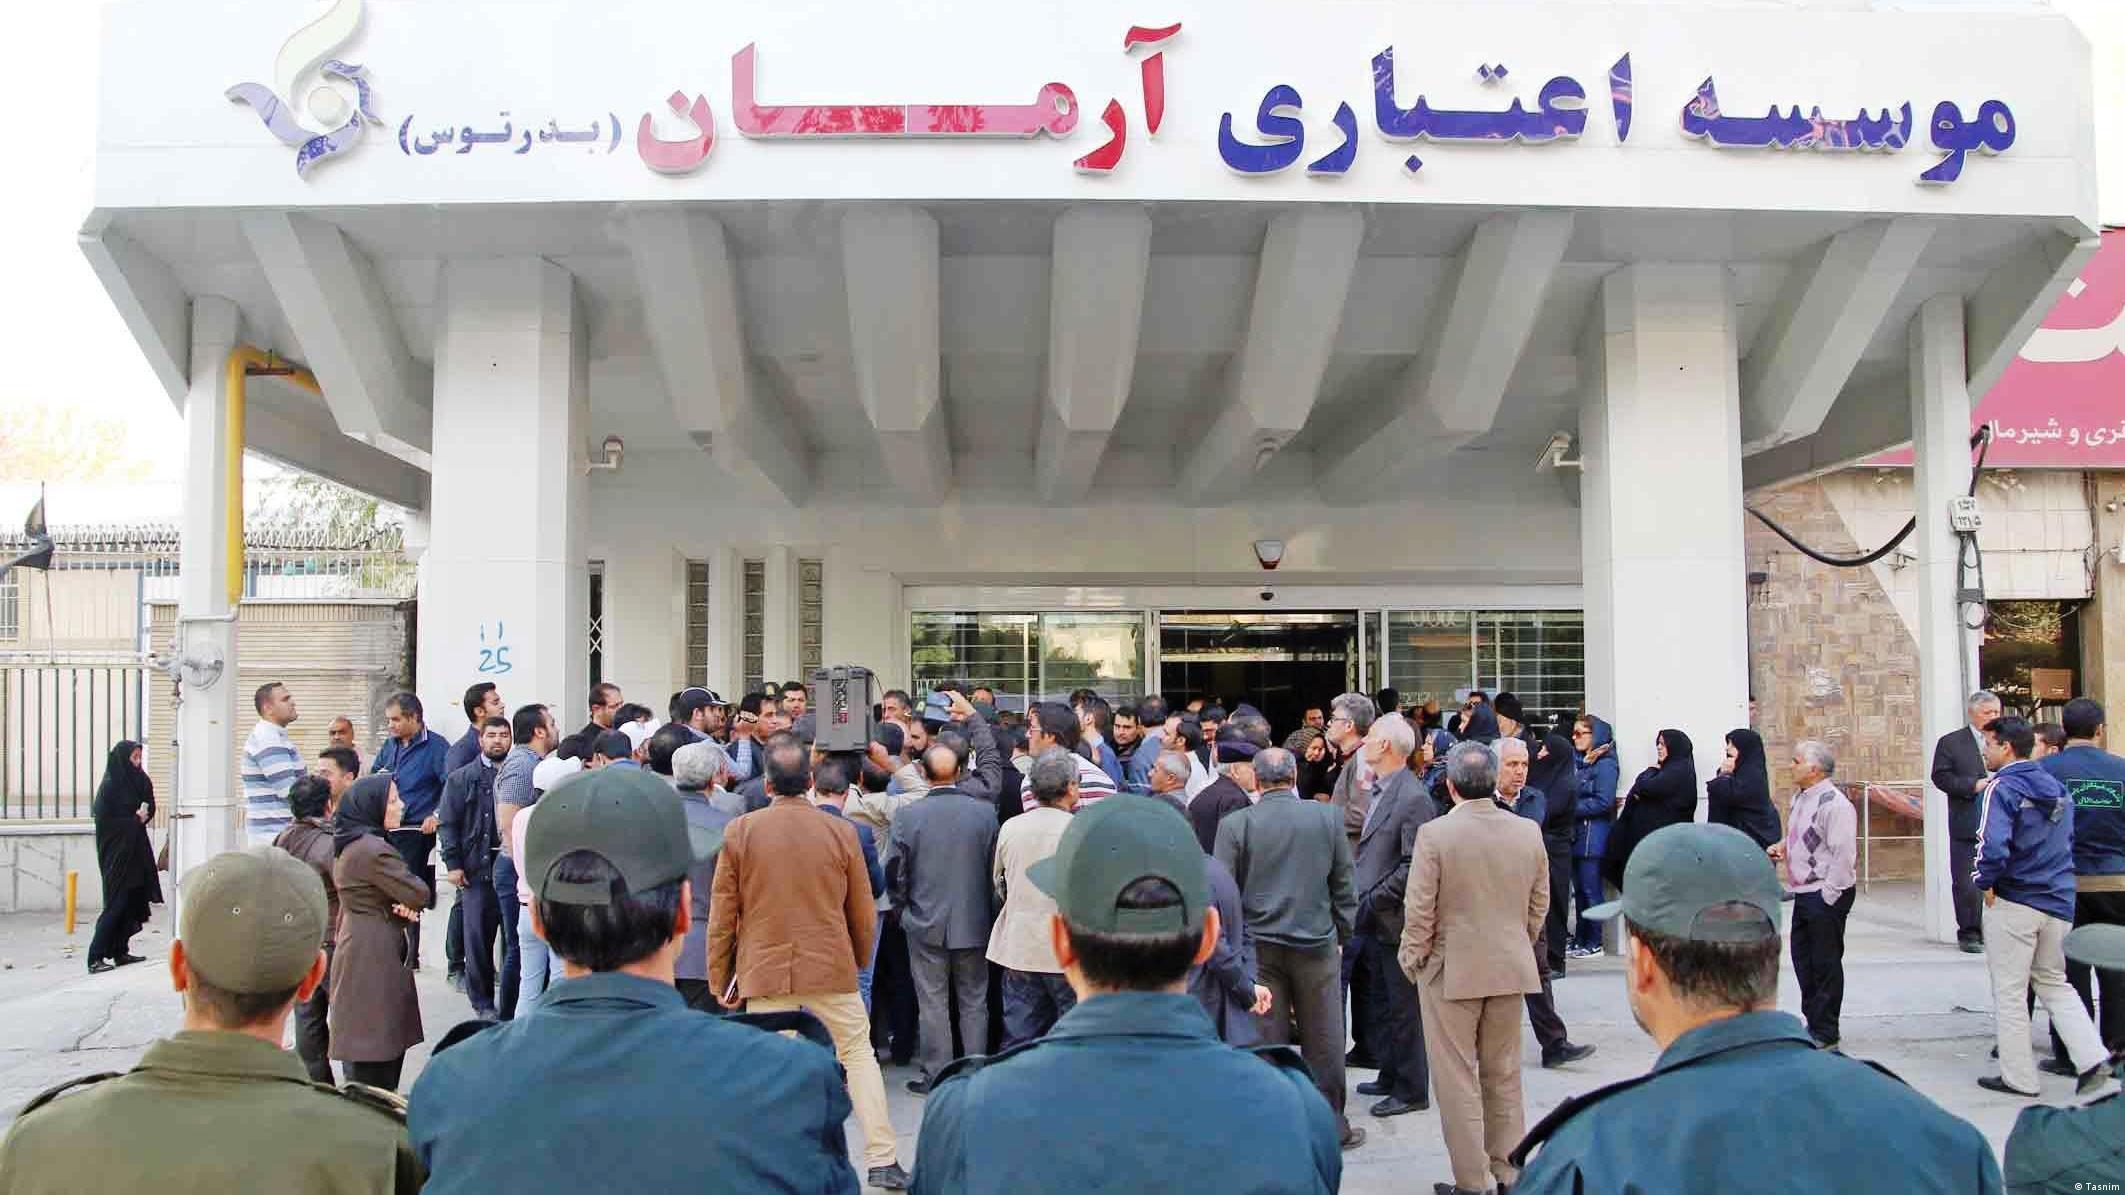 فراخوان غارت شدگان در تهران و اهواز برای تجمع اعتراضی.